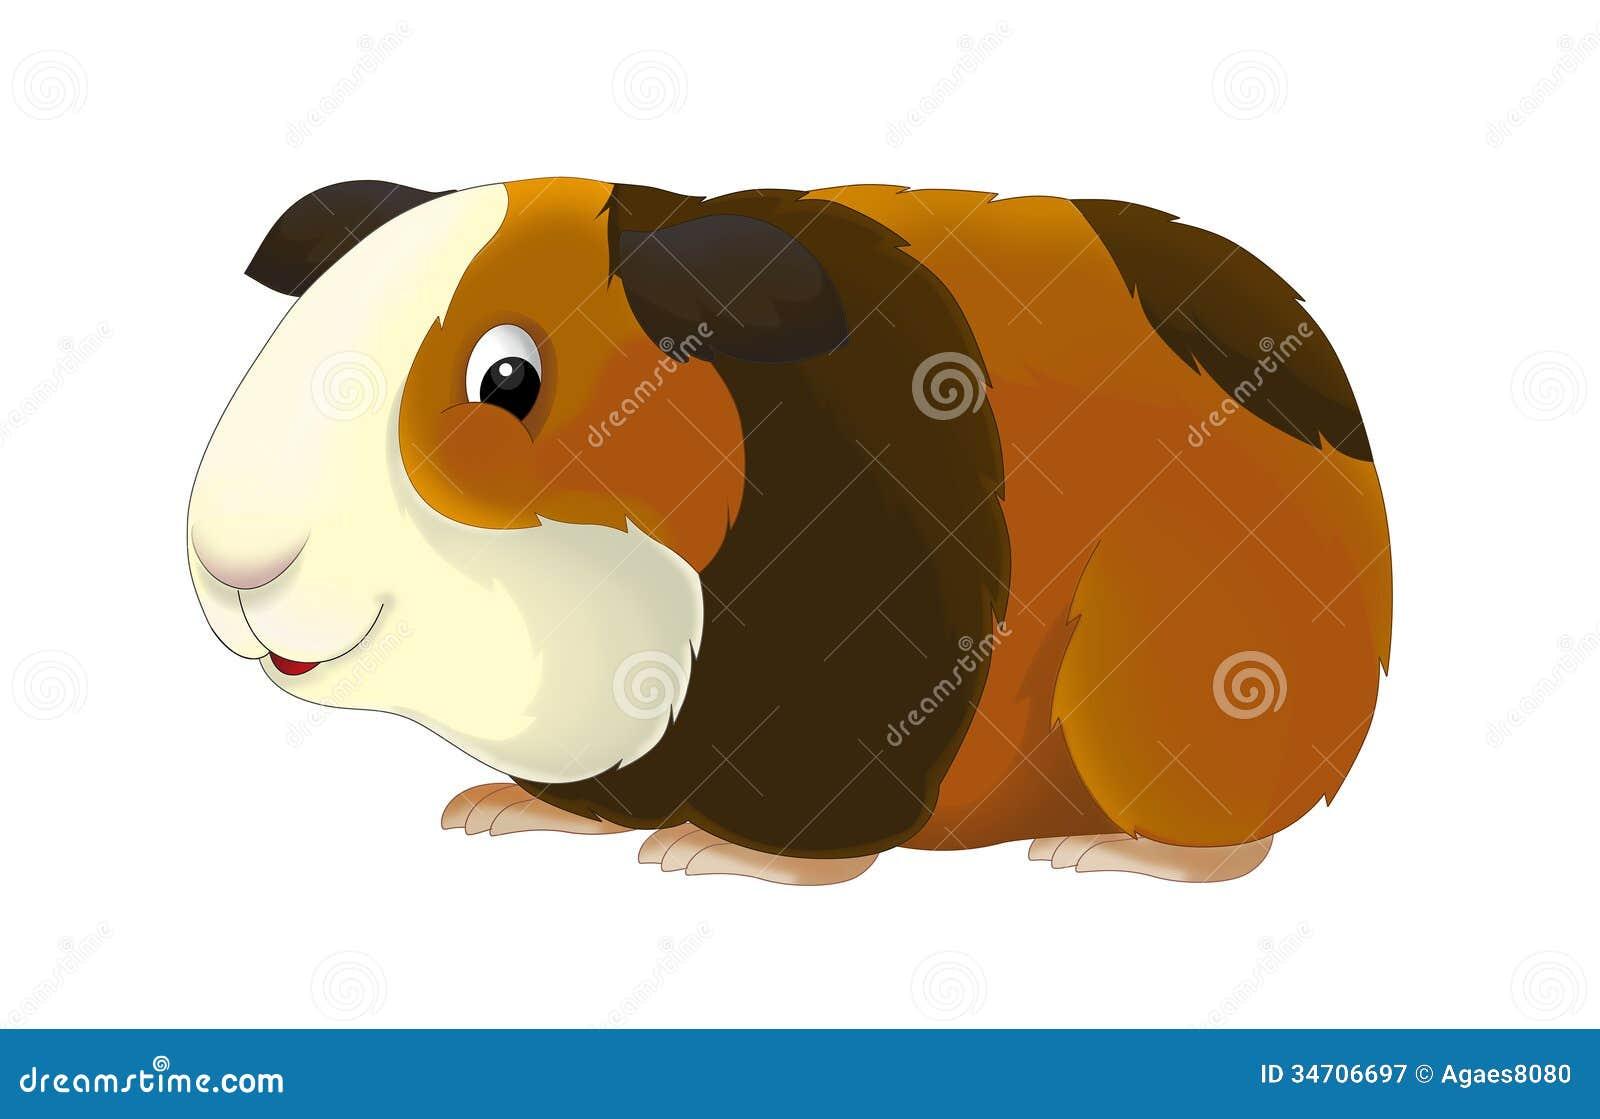 Guinea Pig Clip Art Free